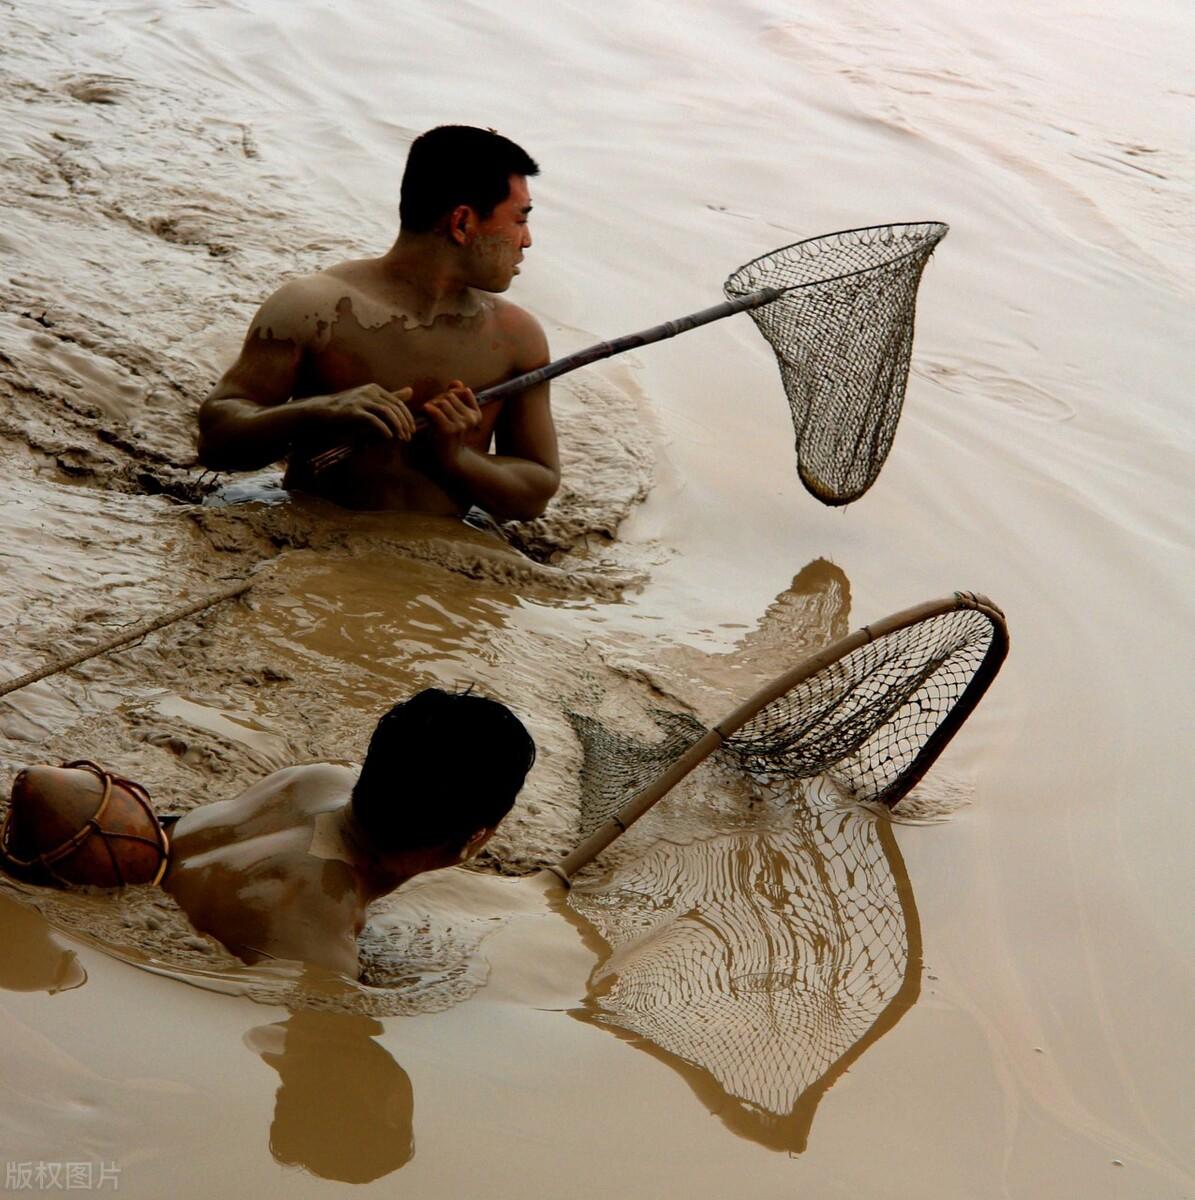 """小浪底泄洪排沙19年,引发黄河""""流鱼"""",下游生态陷入危机?"""